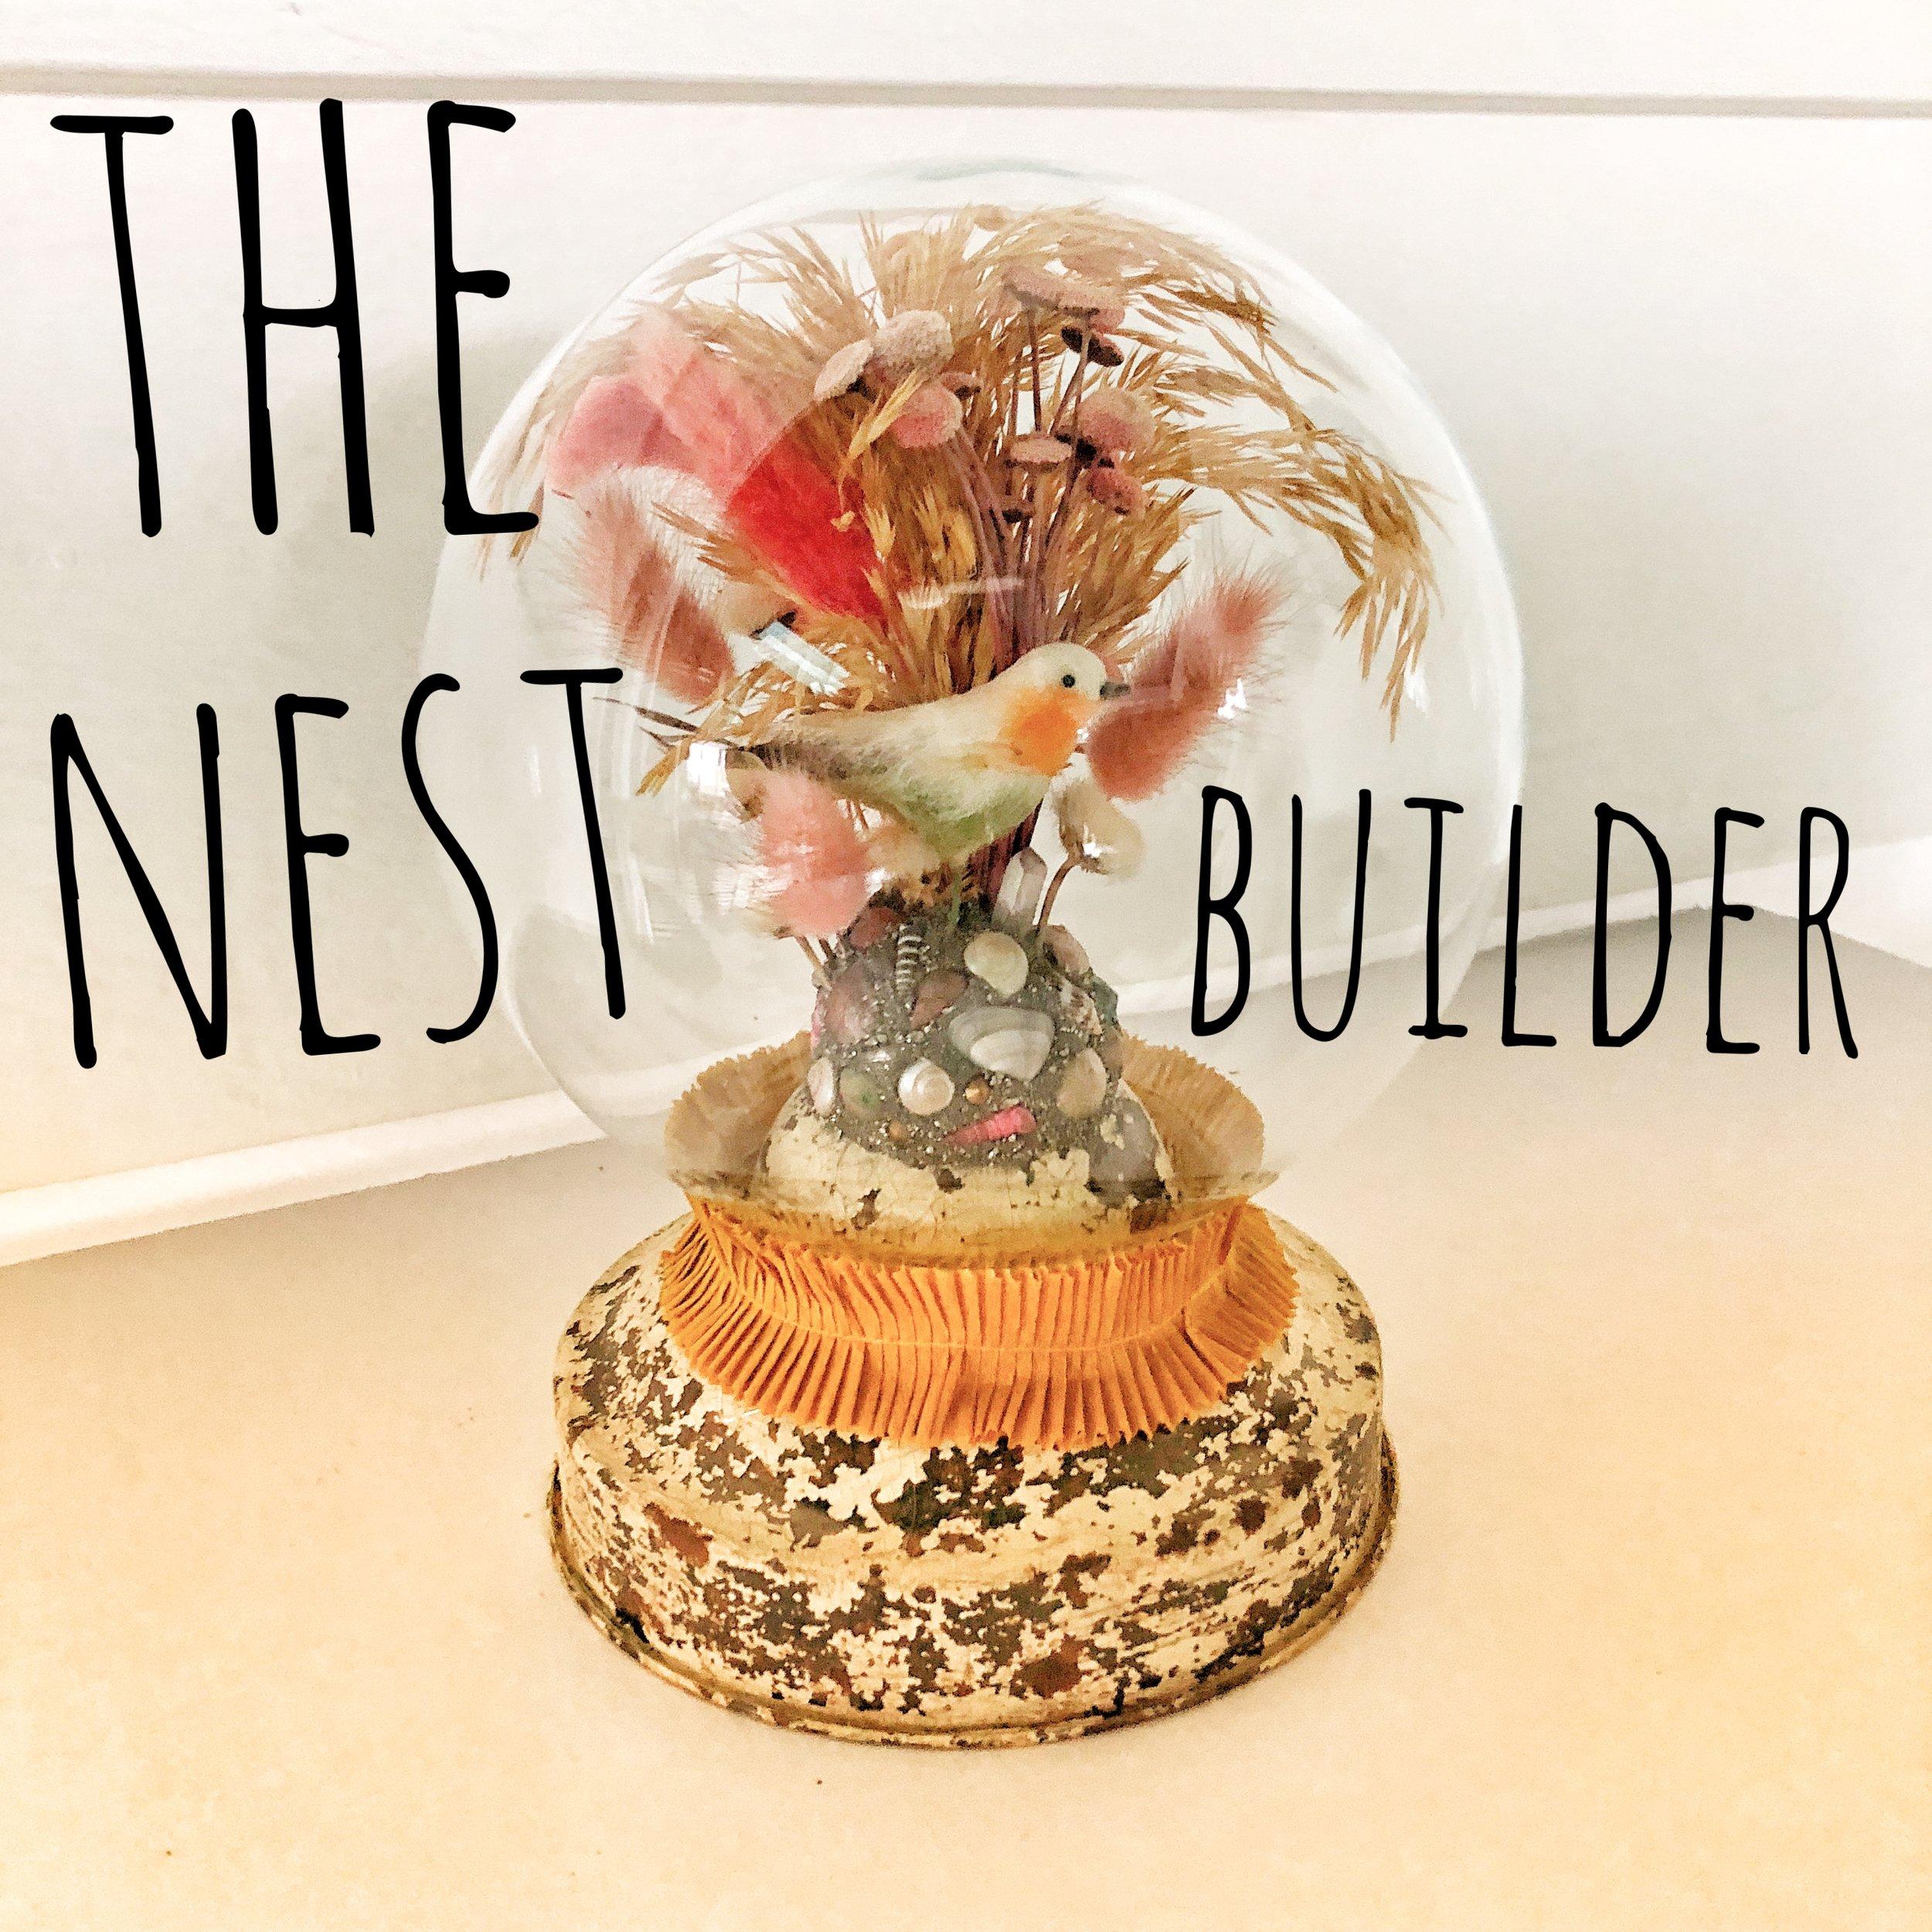 The Nest Builder